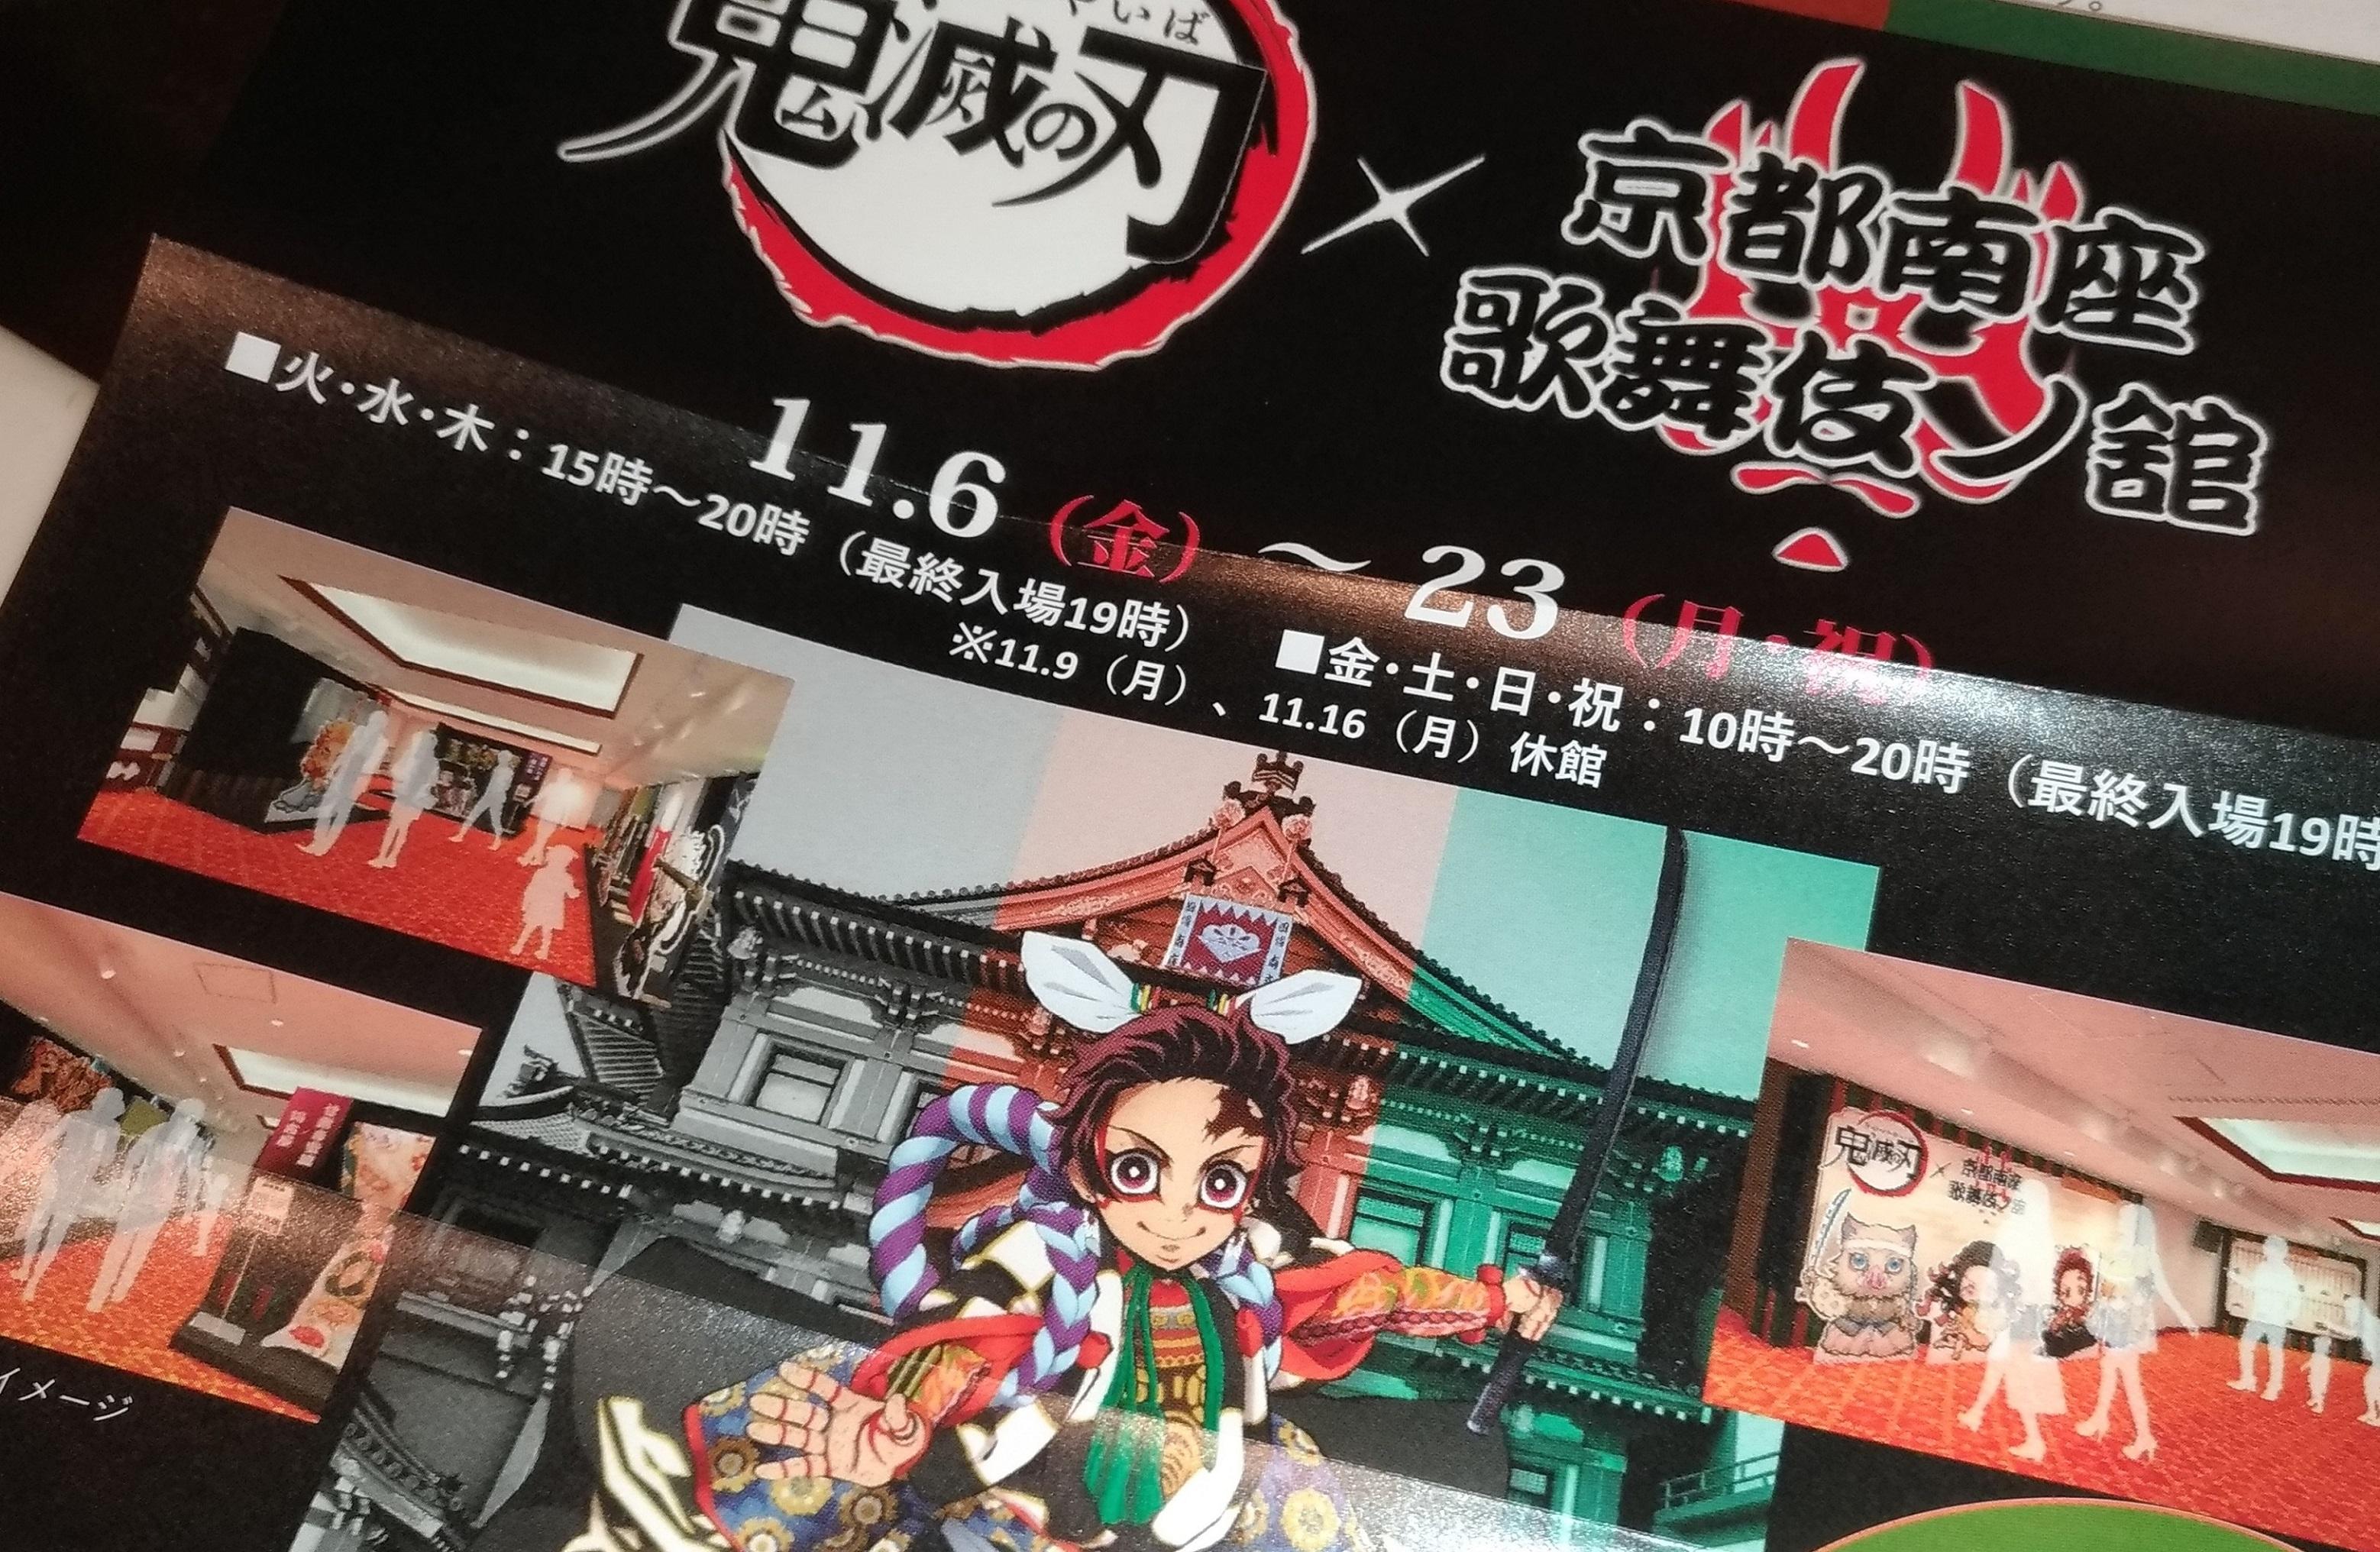 kimetsu_kyoto_kabuki_tikets_2.jpg